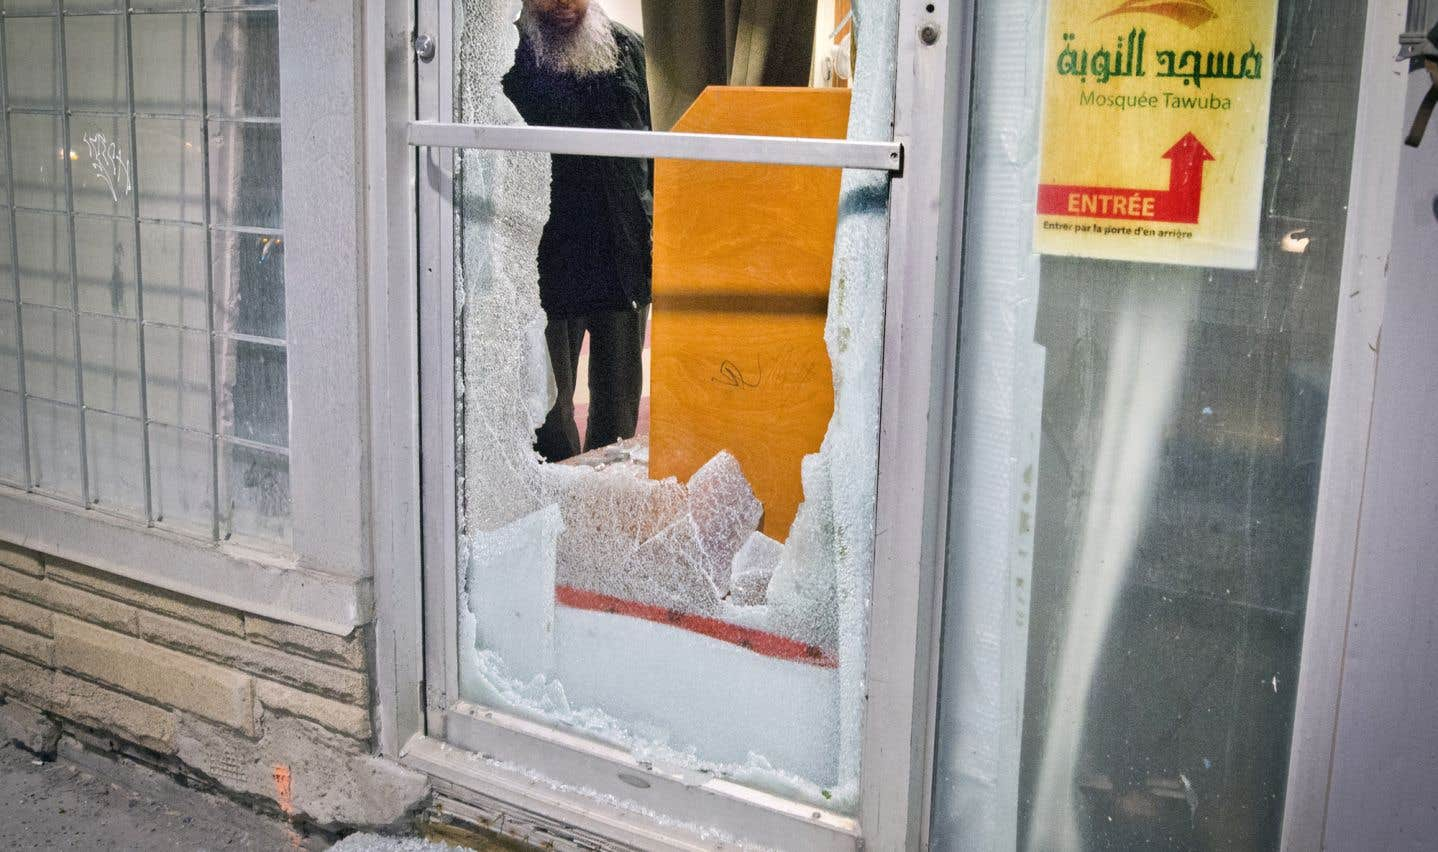 Beaucoup plus d'incidents haineux rapportés, selon le Centre de prévention de la radicalisation